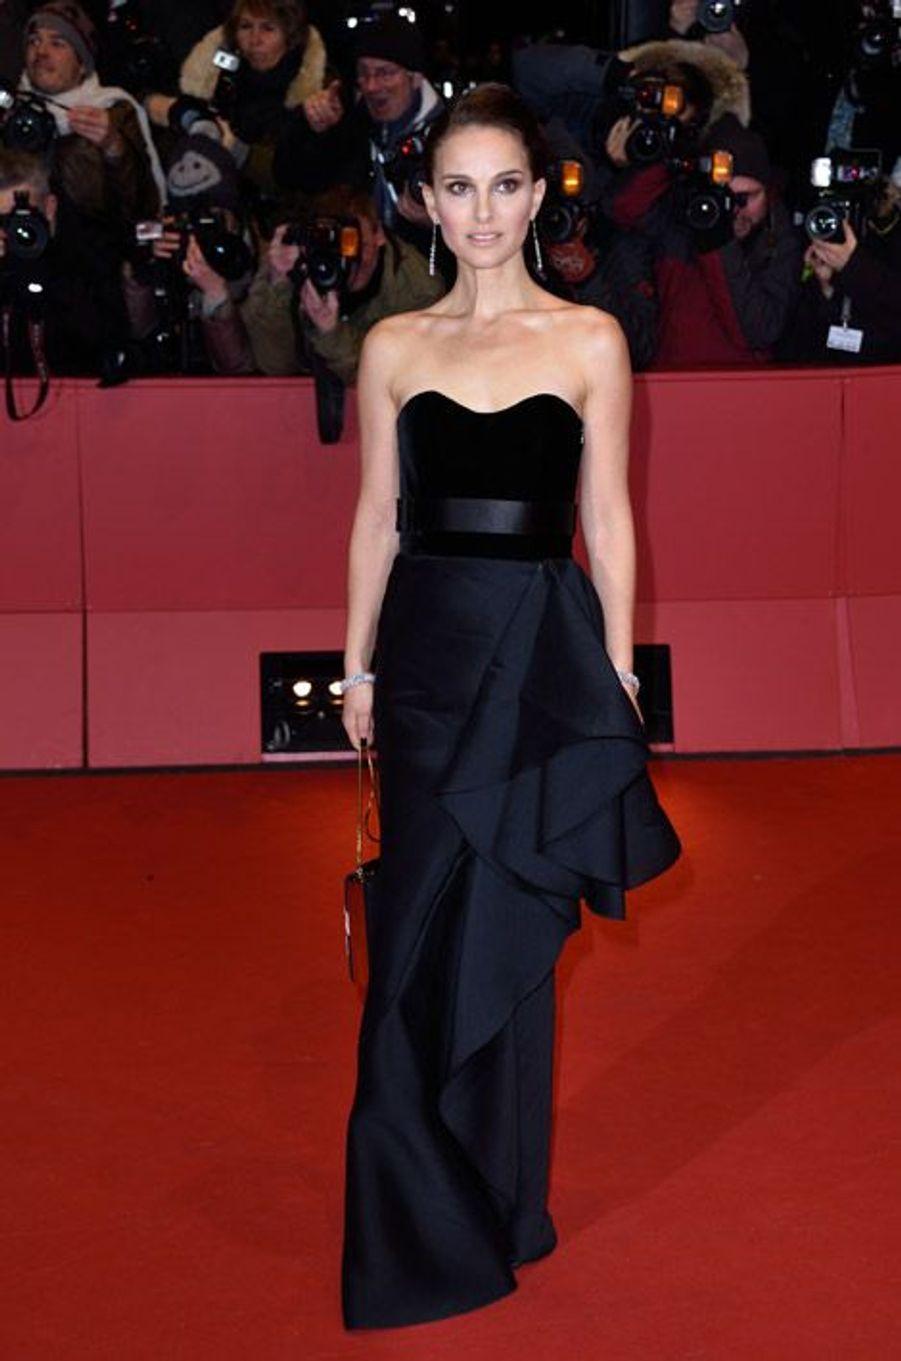 Natalie Portman en Christian Dior lors du festival international du film de Berlin, le 8 février 2015